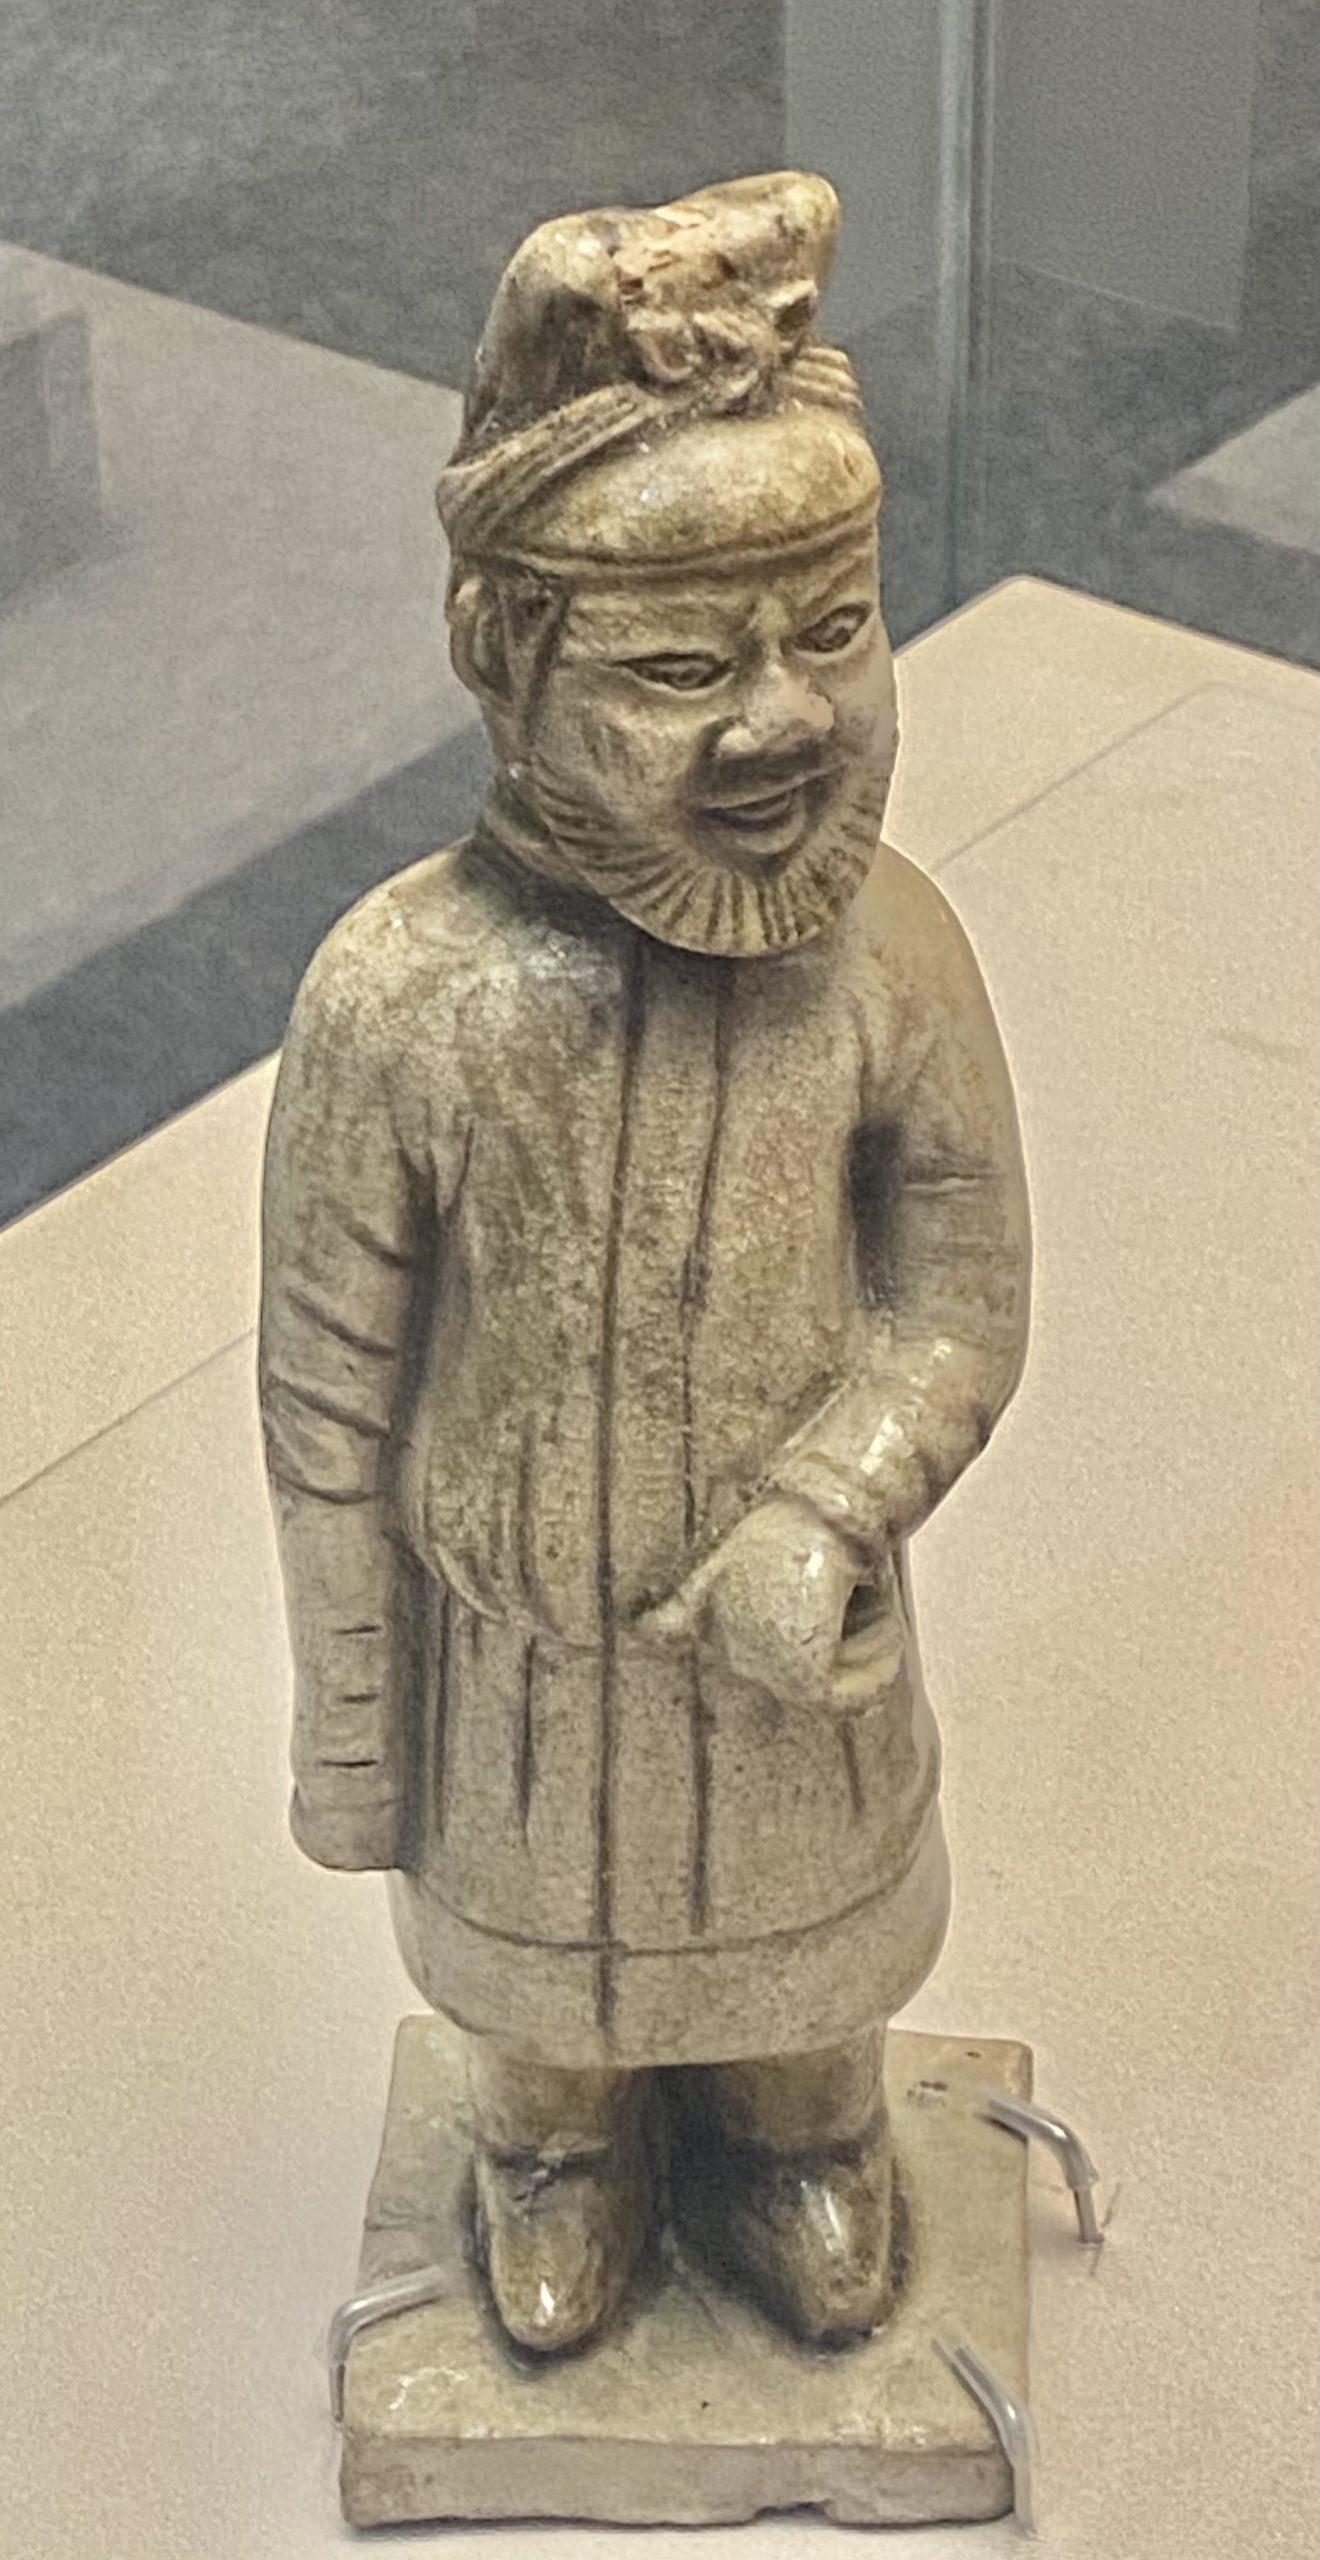 青釉牽馬磁俑-唐時代-巡回特別展【天歌長歌-唐蕃古道】-四川博物館